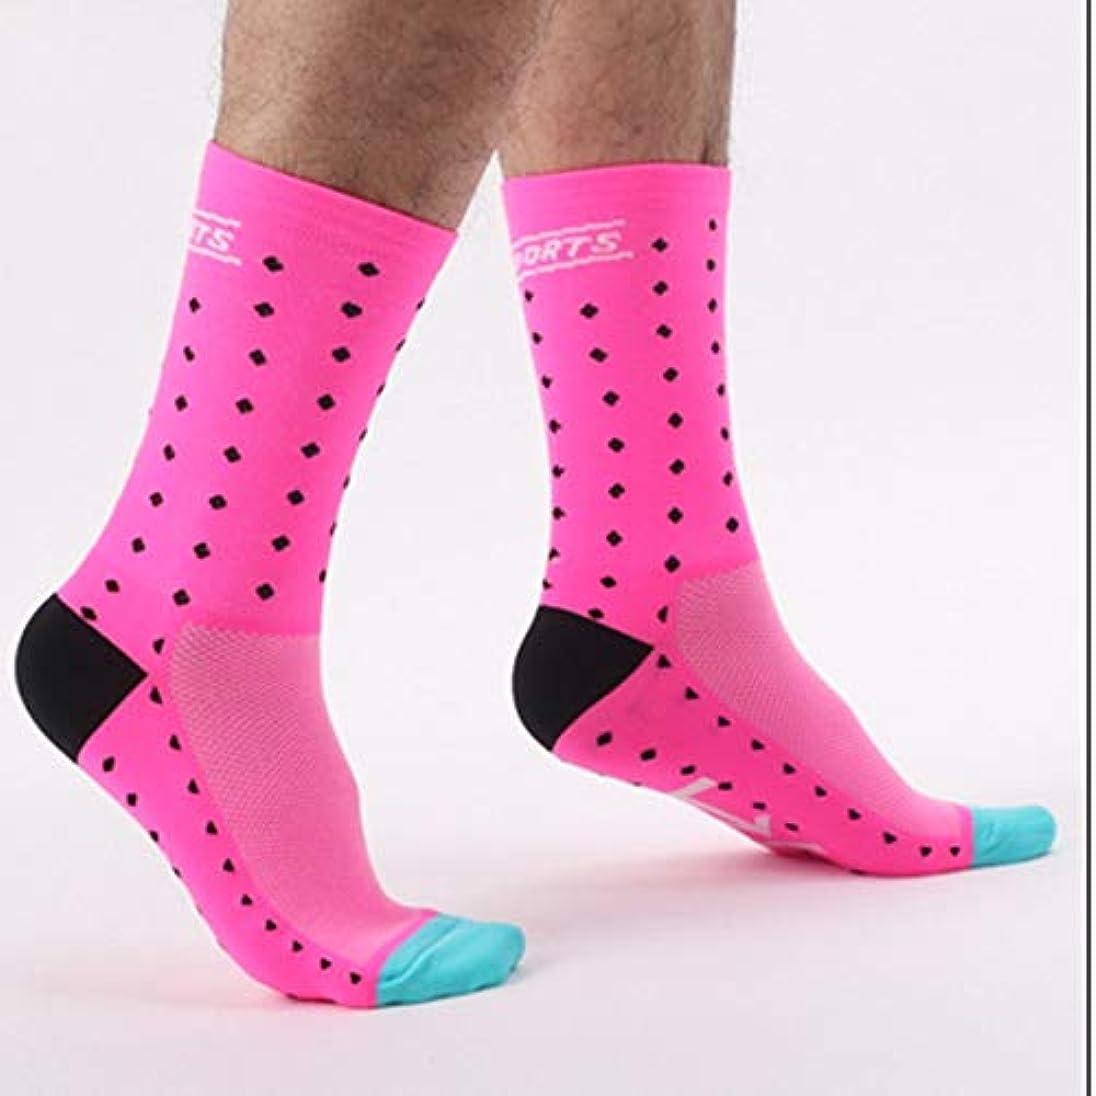 事件、出来事サイドボードダムDH04快適なファッショナブルな屋外サイクリングソックス男性女性プロの通気性スポーツソックスバスケットボールソックス - ピンク